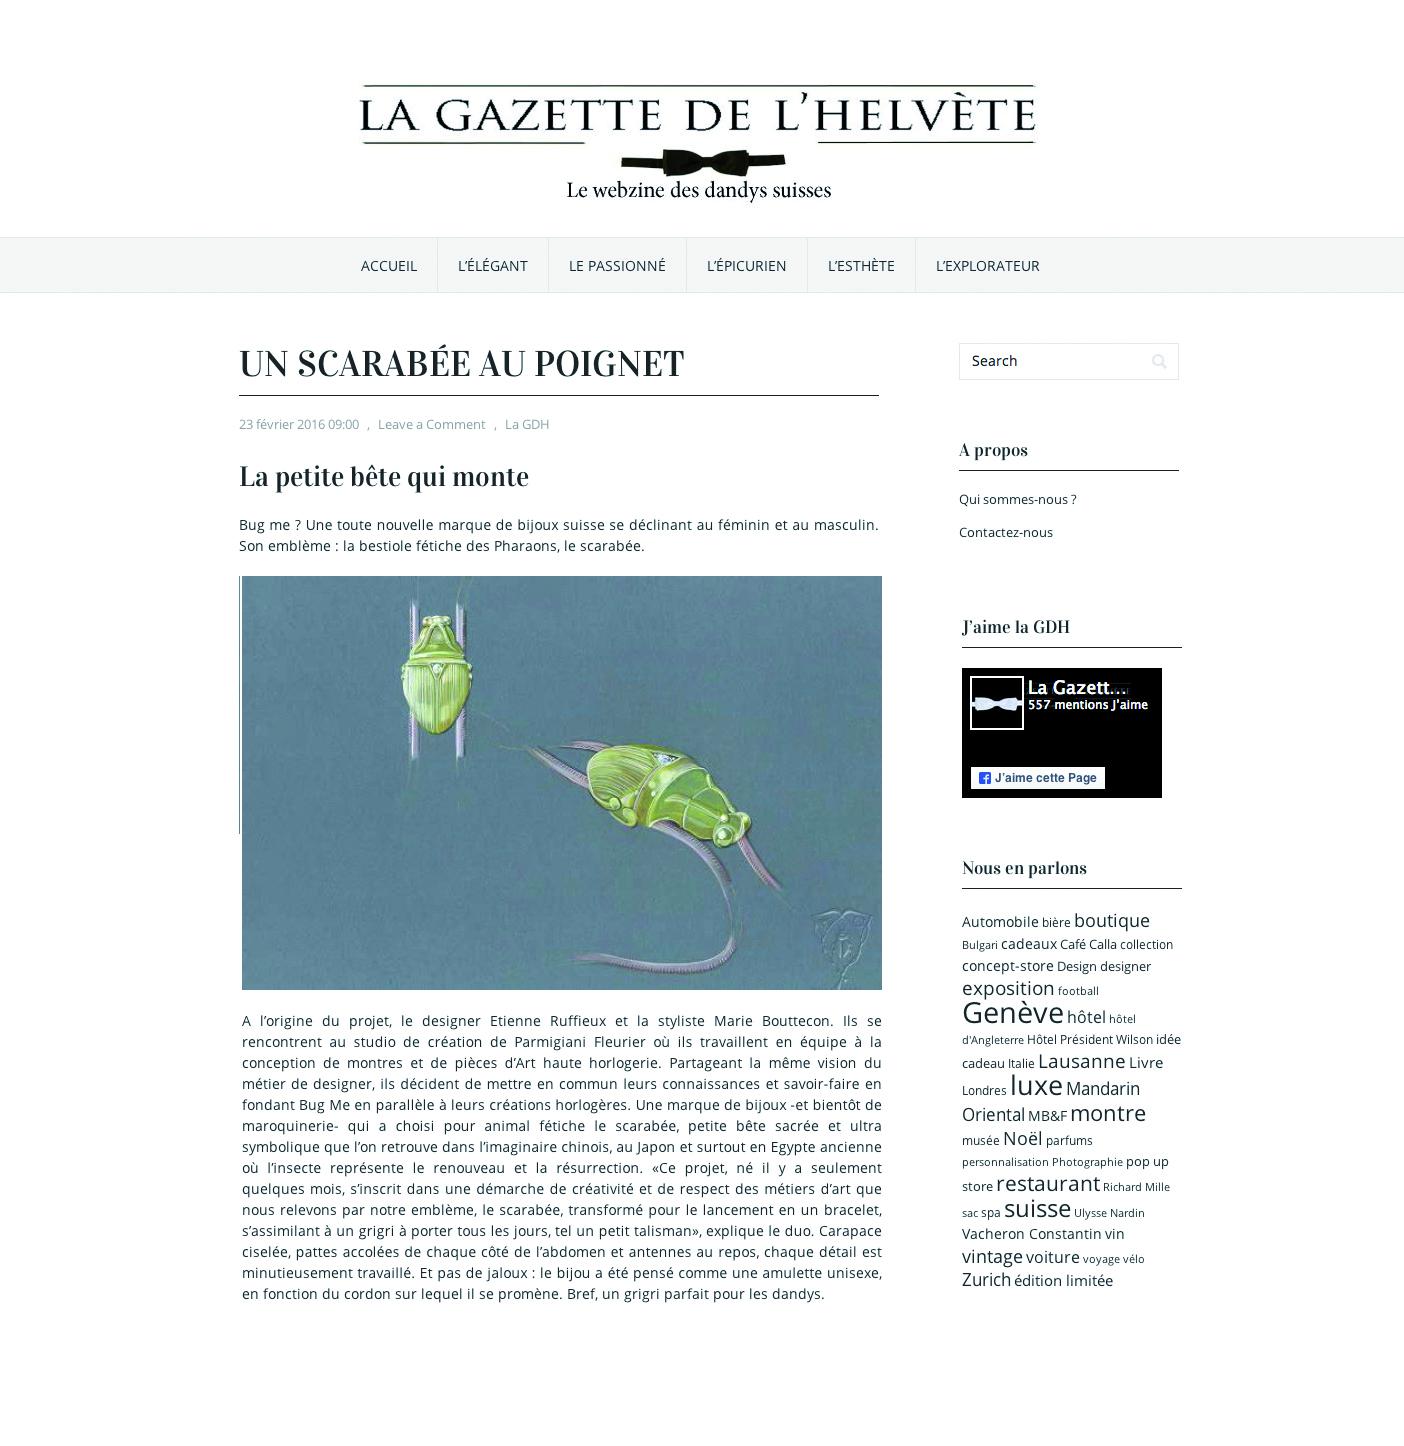 Bug Me jewels La gazette des helvetes article